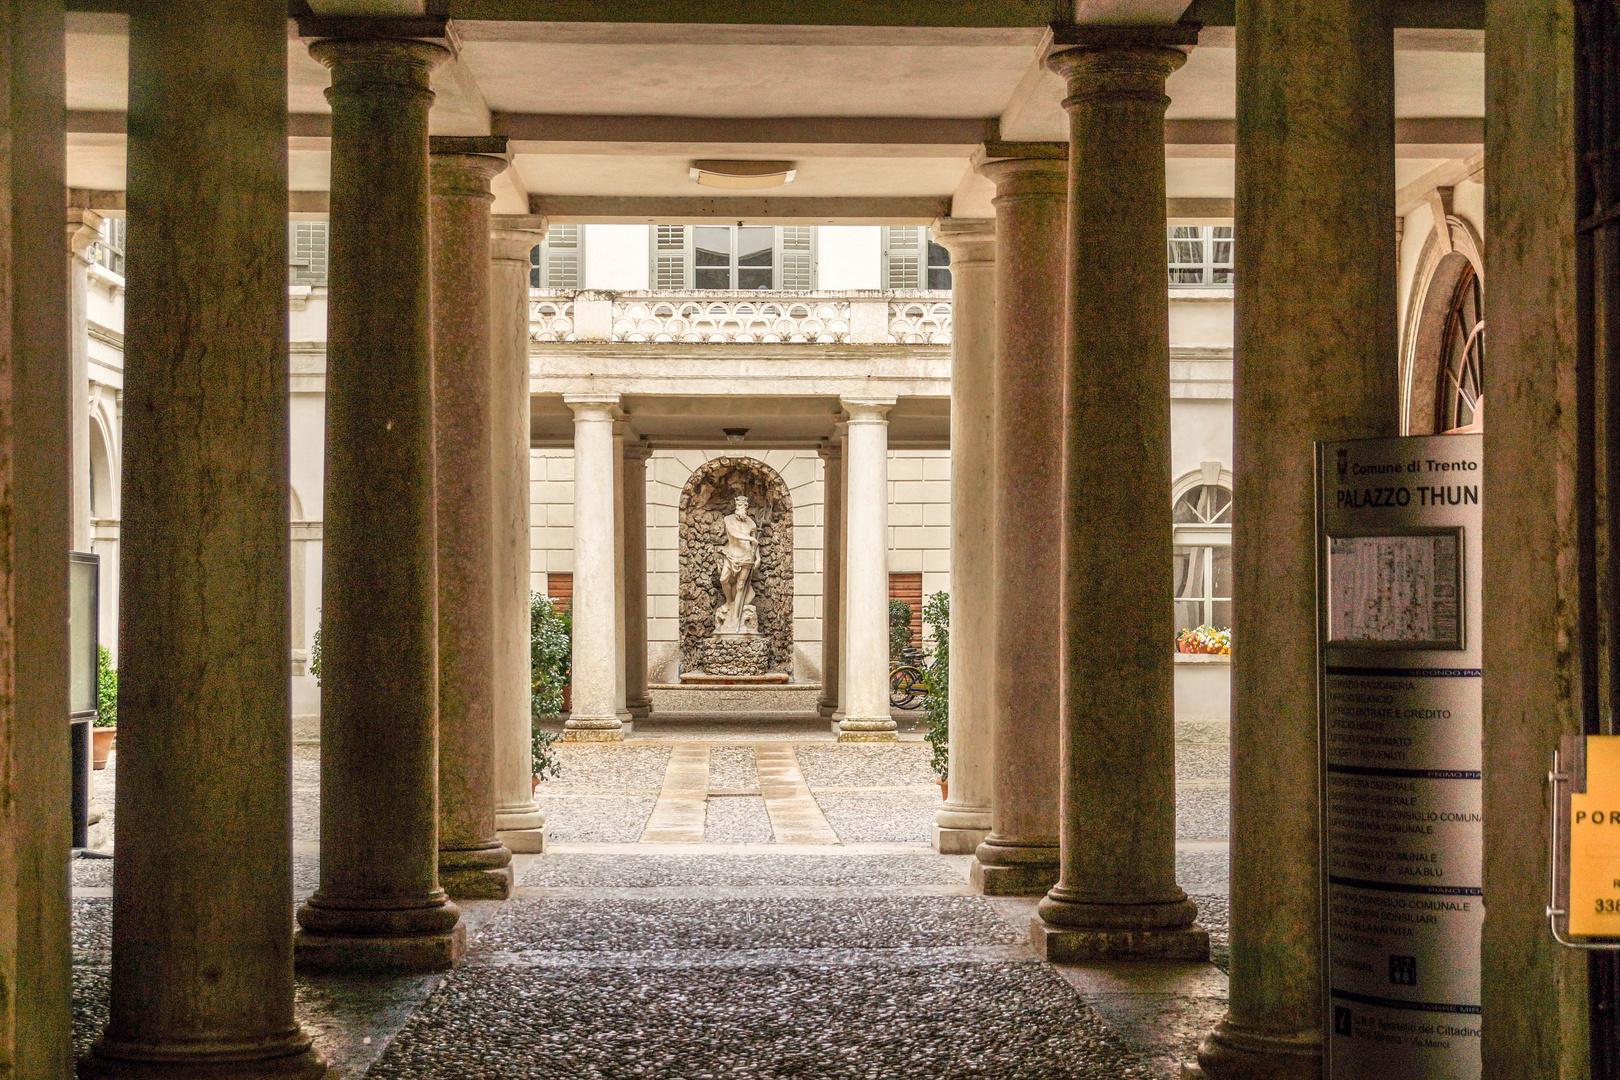 Eingang zum Palazzo Thun